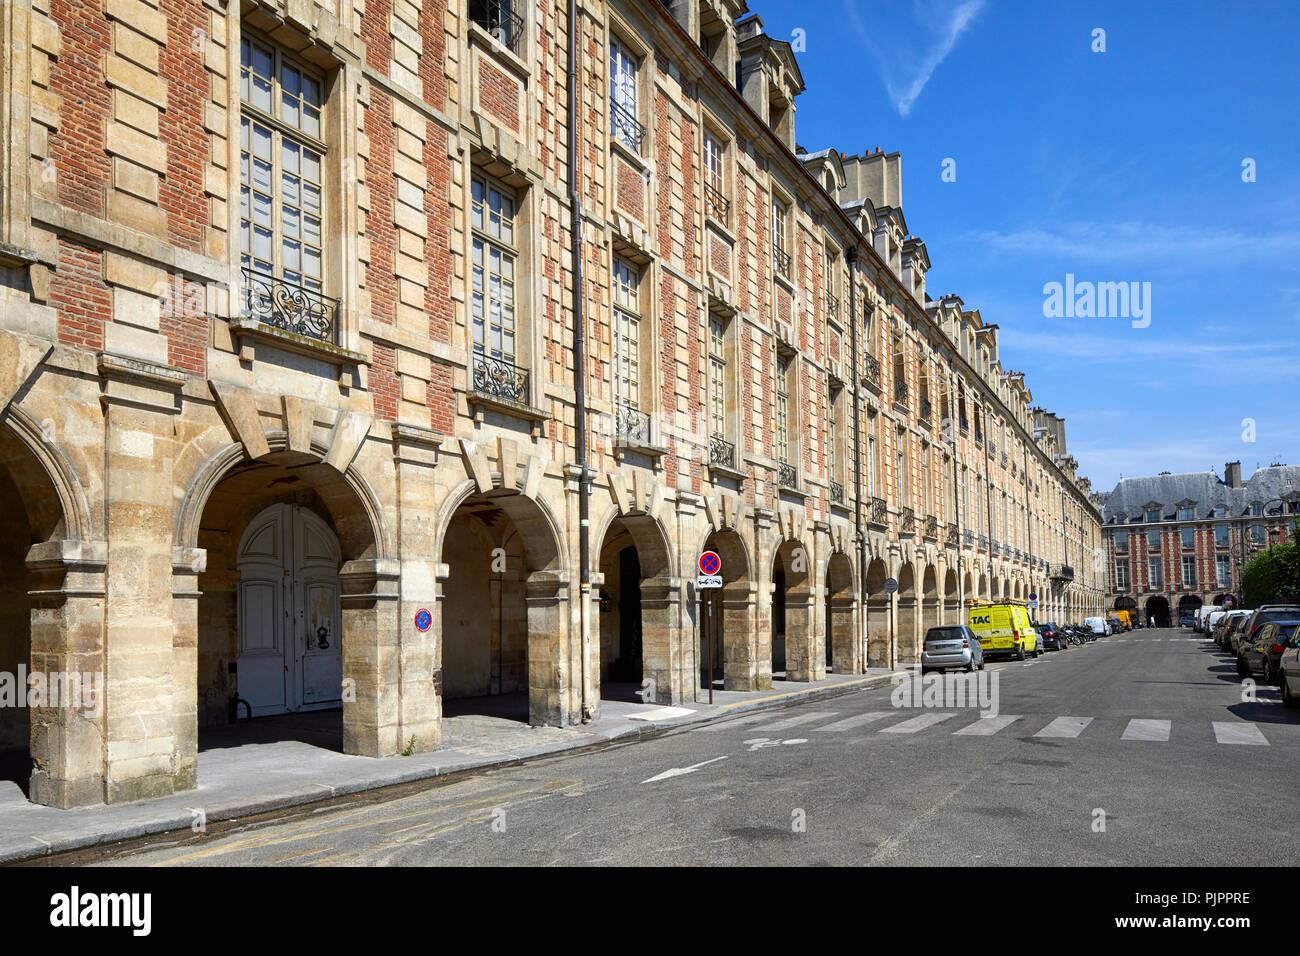 Place des Vosges, the oldest planned square in Paris, Marais district, Paris, France, Europe - Stock Image